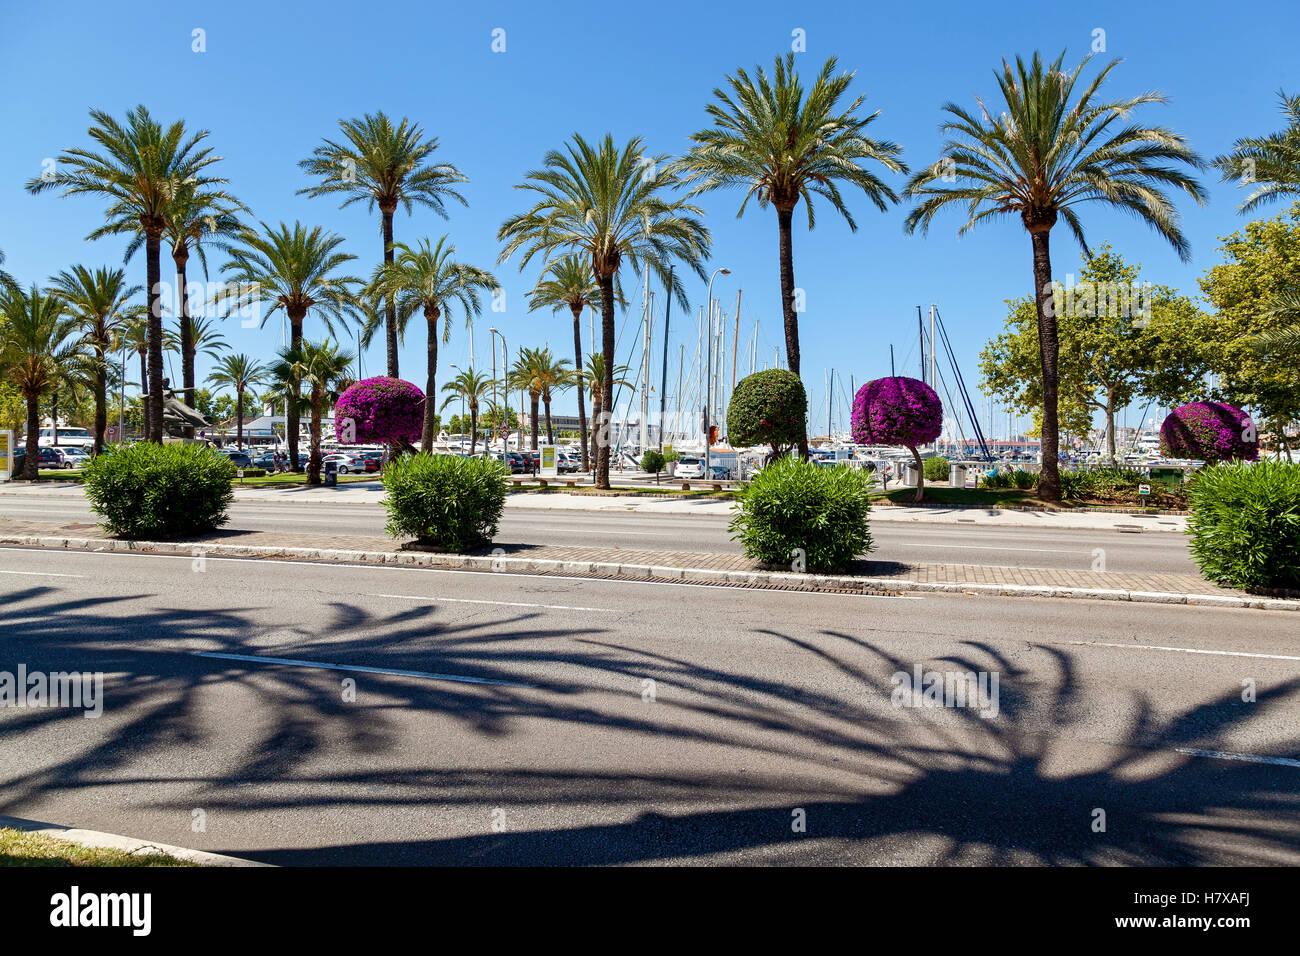 Quay in Palma de Mallorca. Quay a Palma de Mallorca in una giornata di sole che offre vedute del porto e abbondanza Immagini Stock